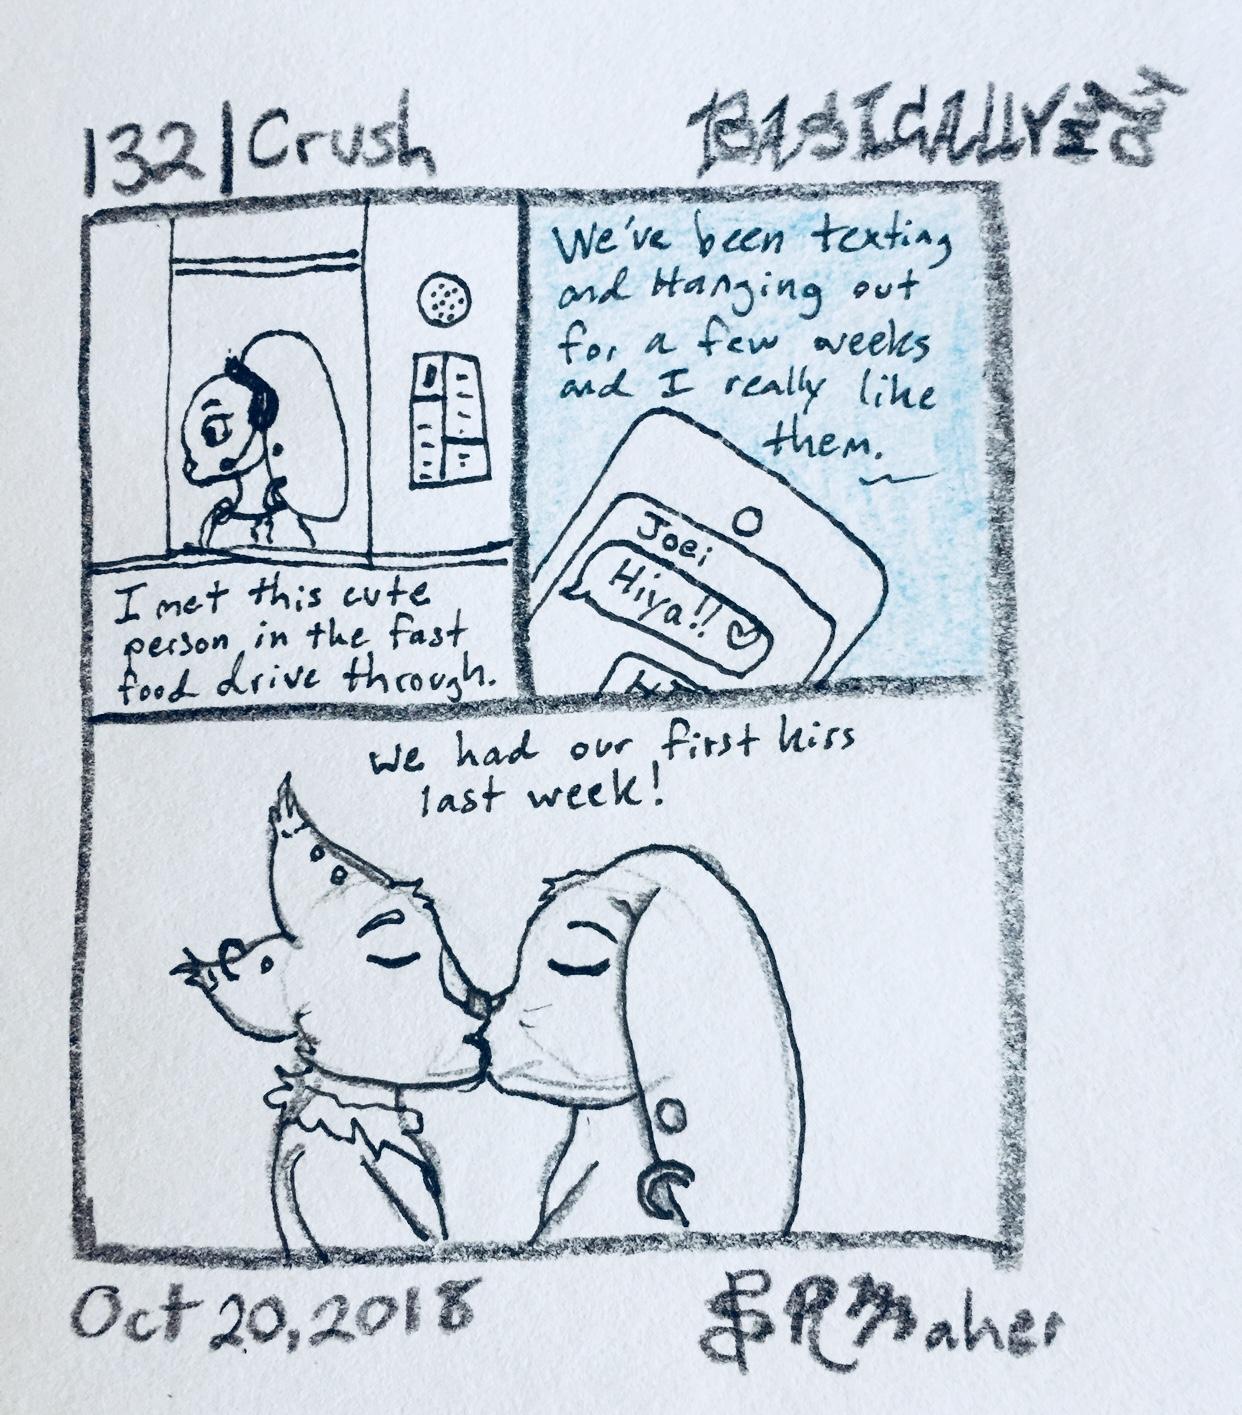 132 | Crush